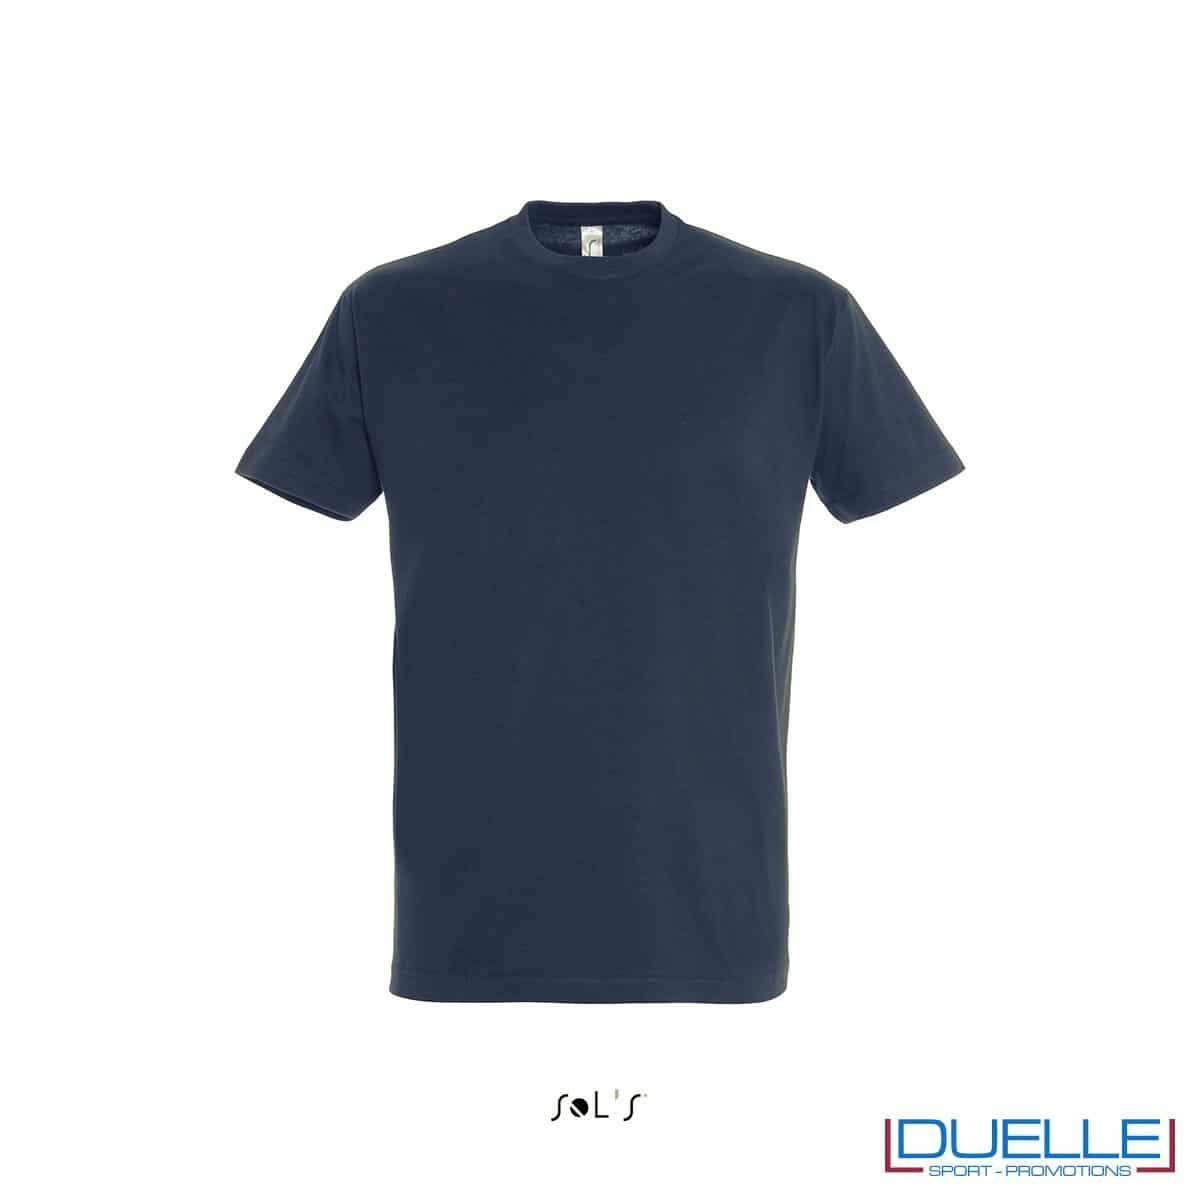 Maglietta promozionale in cotone pesante blu oltremare personalizzata con stampa o ricamo